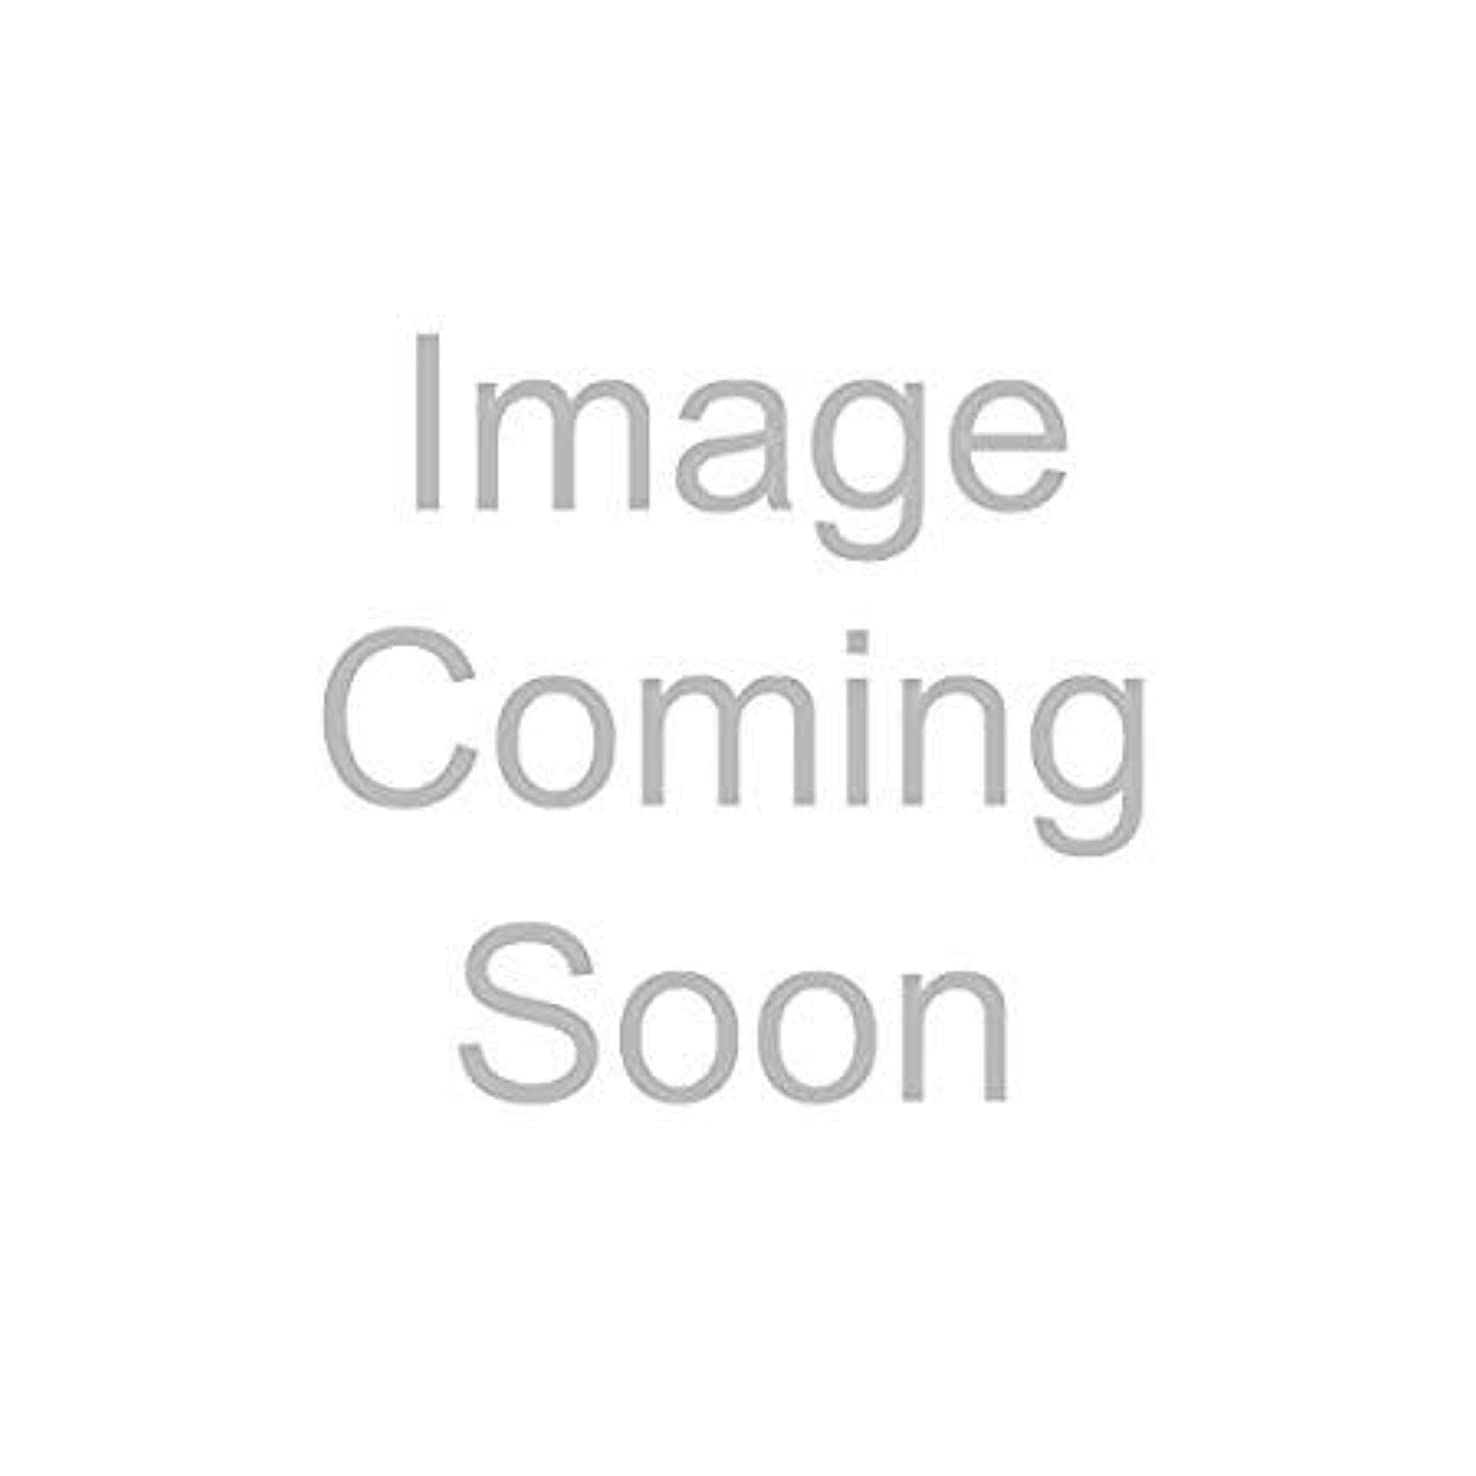 企業デザイナー必需品エスティローダー デイウェアアドバンスドマルチプロテクションアンチオキシダントクリームSPF15(ドライスキン用) 50ml/1.7oz